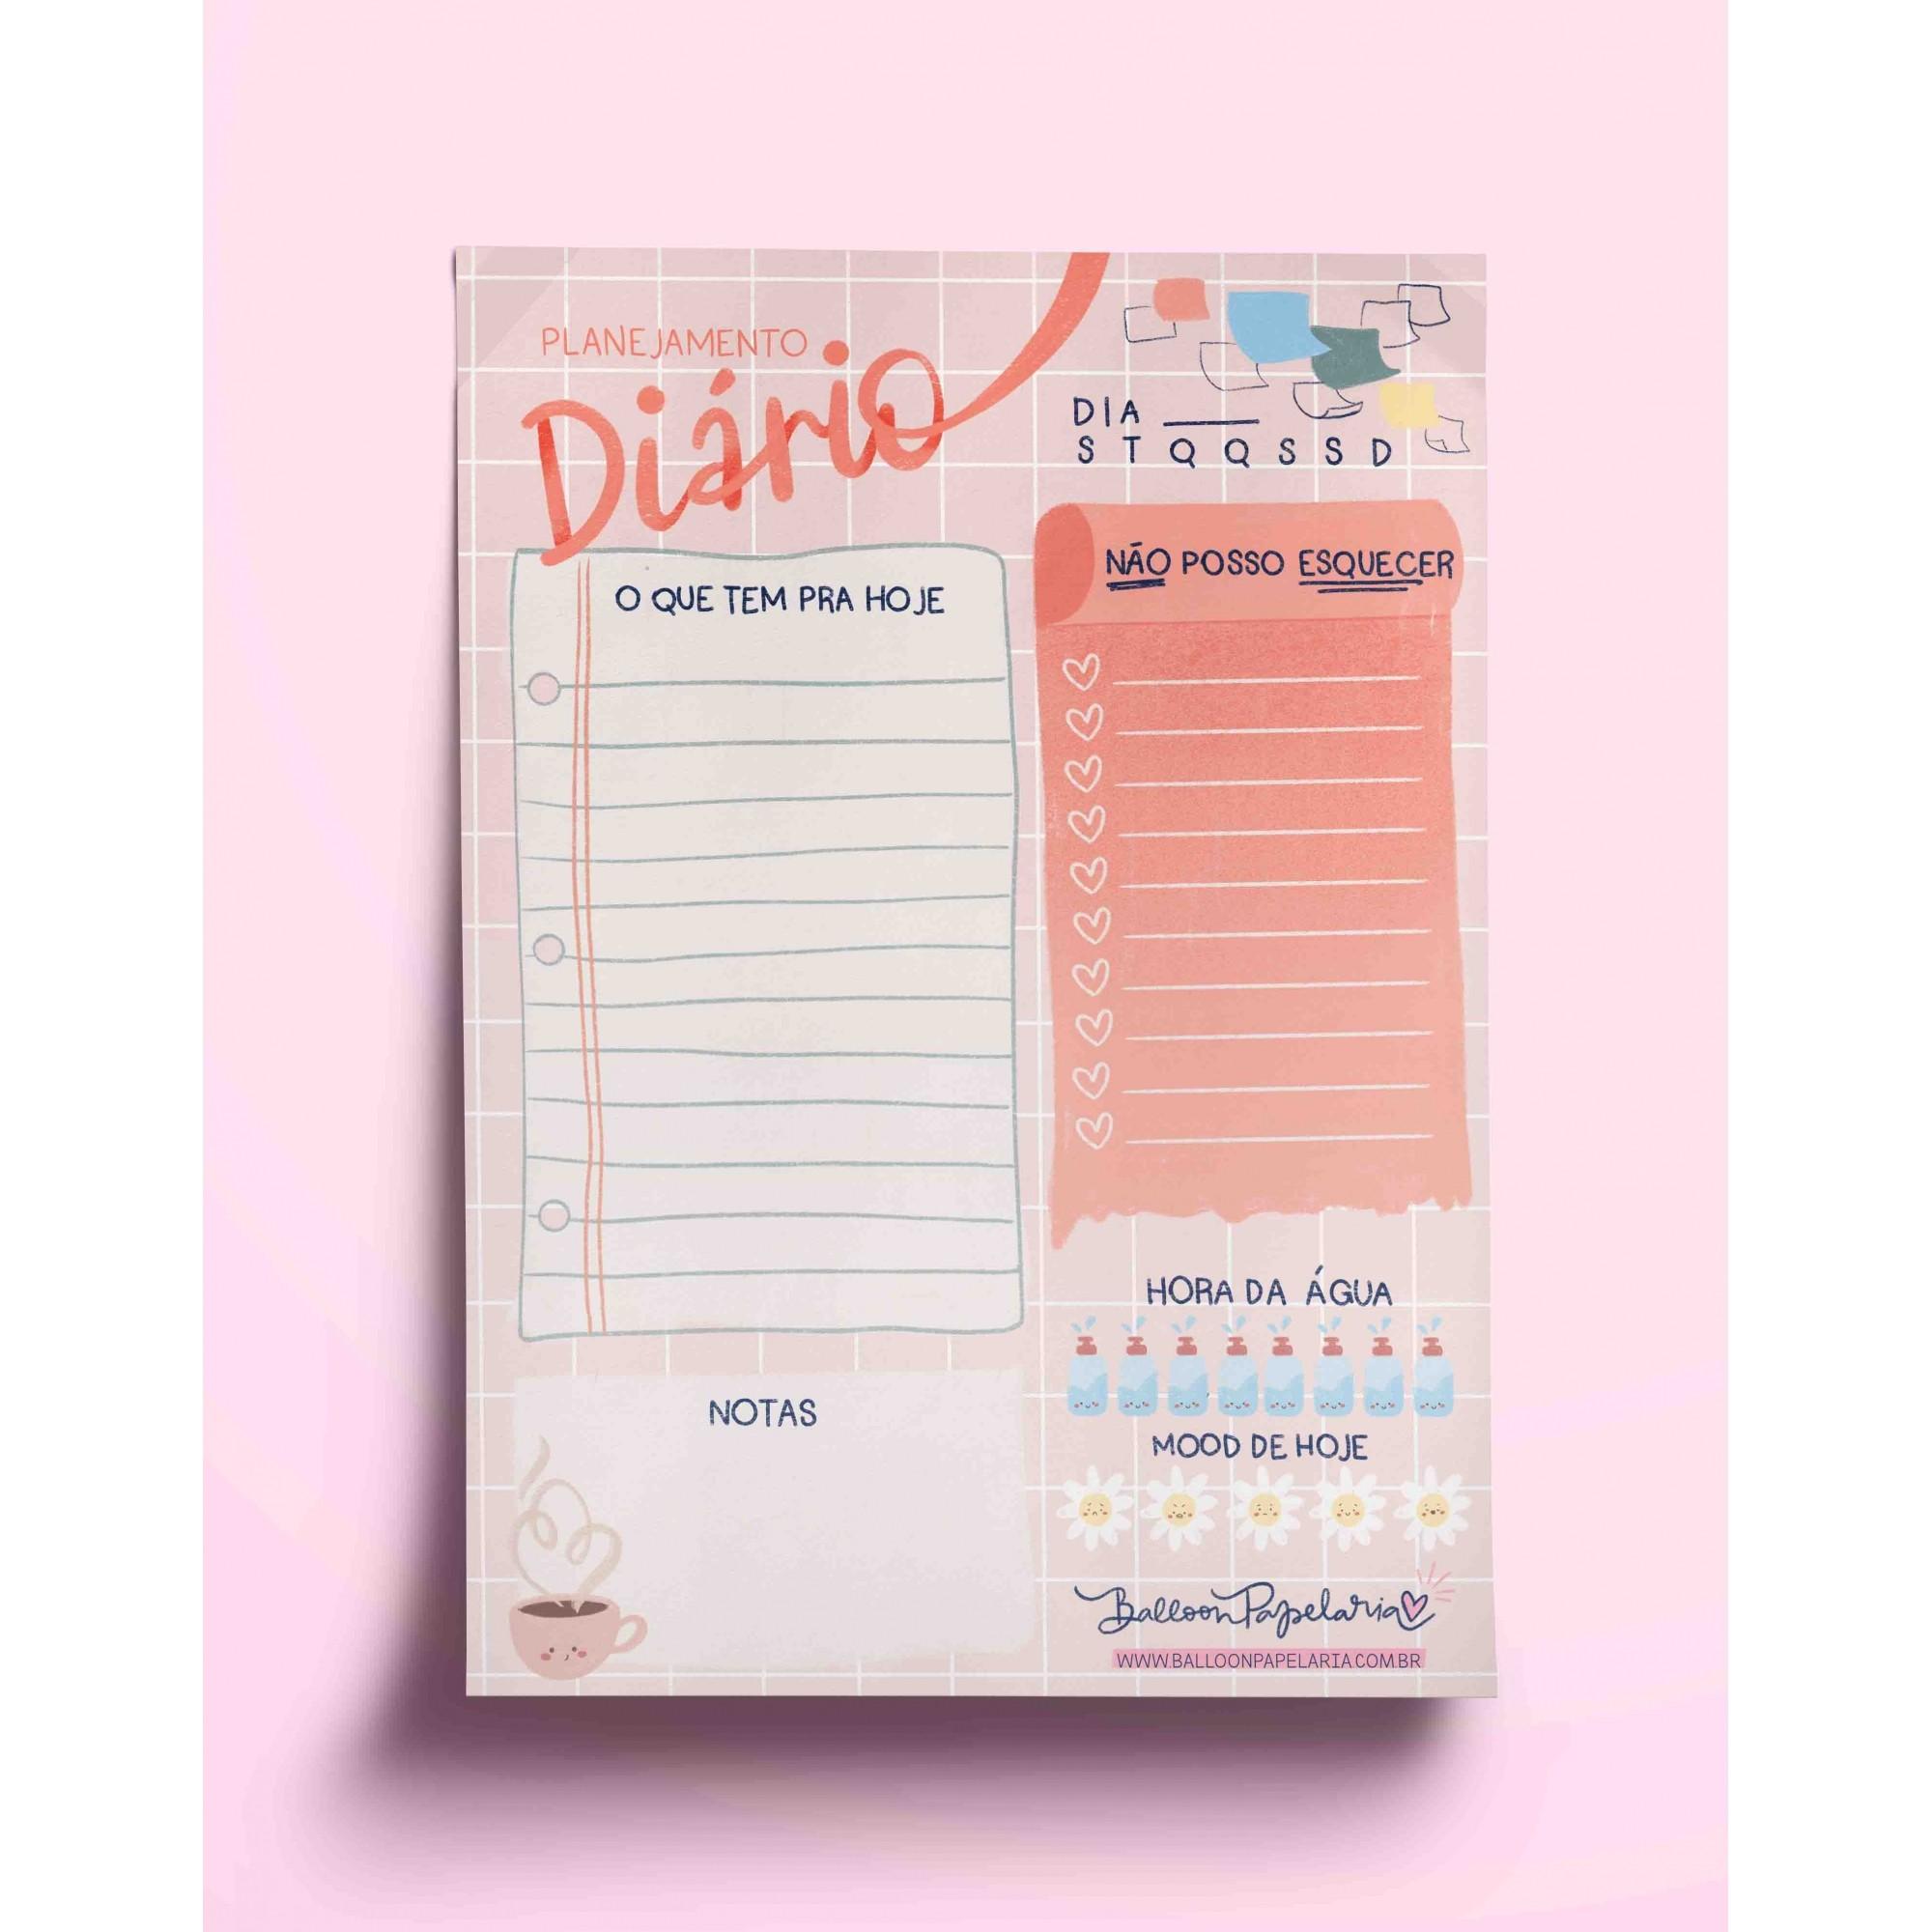 Bloco diário - o que tem para hoje